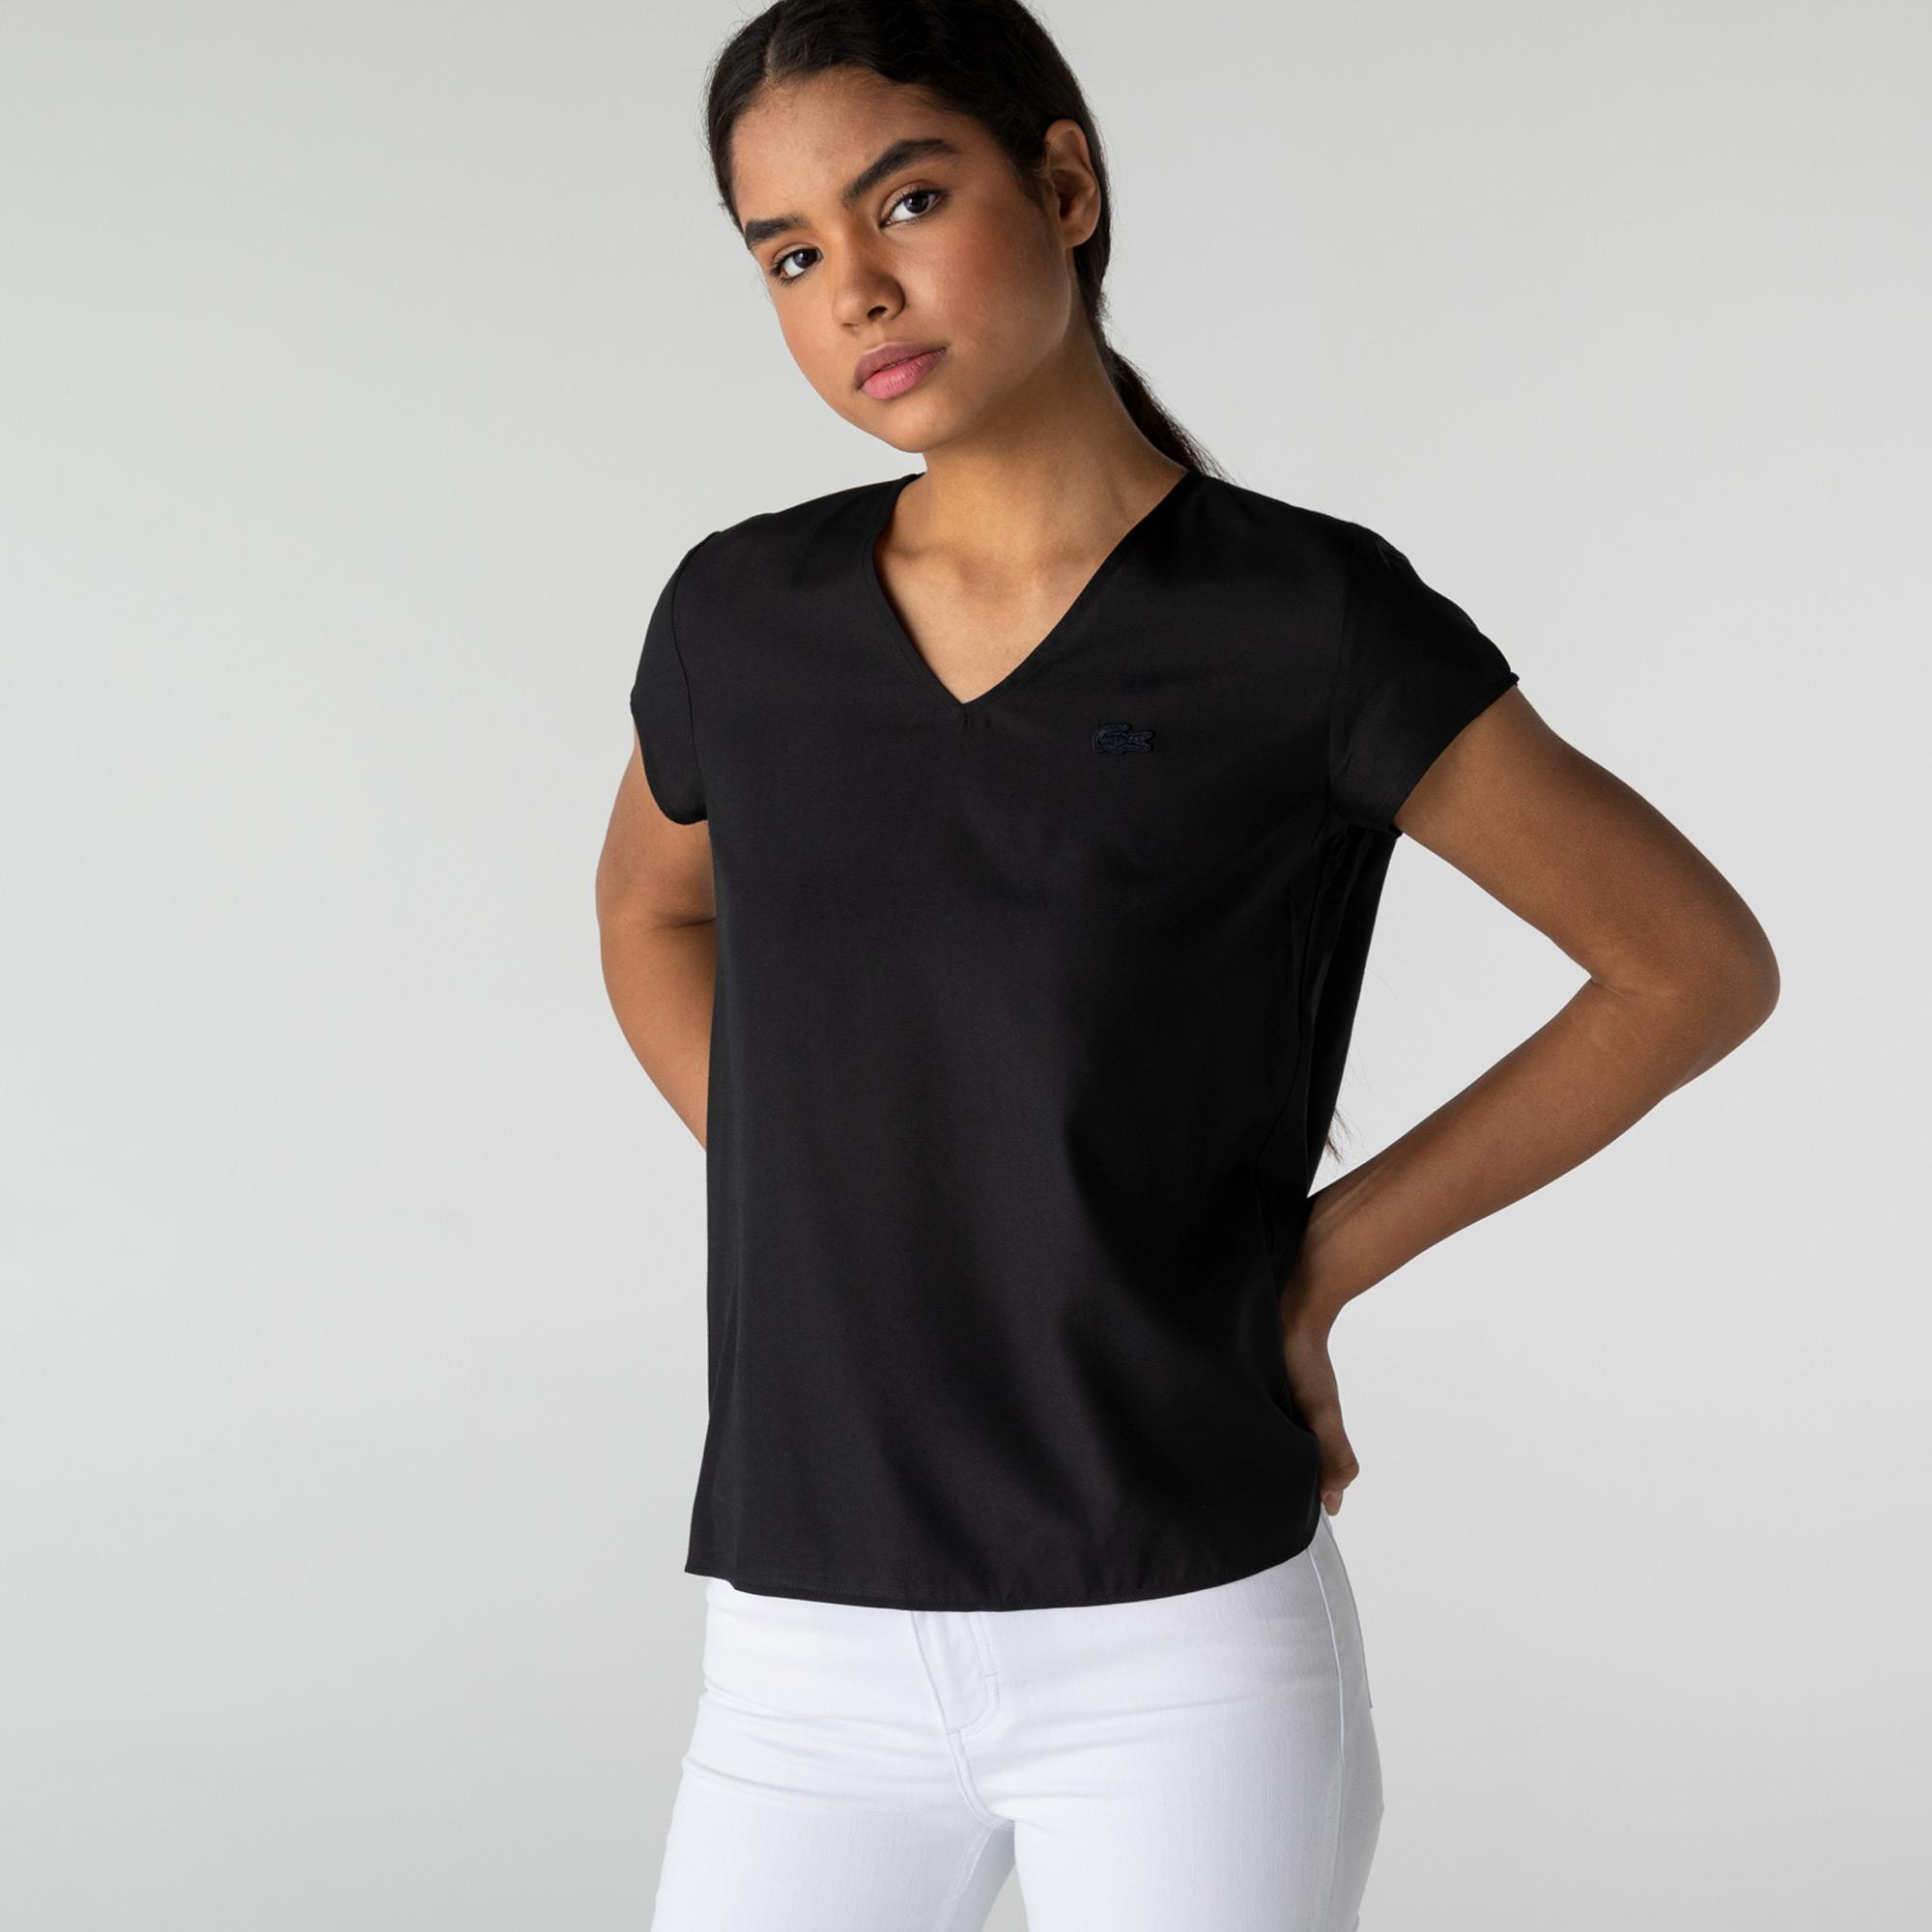 Lacoste Kadın Kısa Kollu V Yaka Siyah Bluz